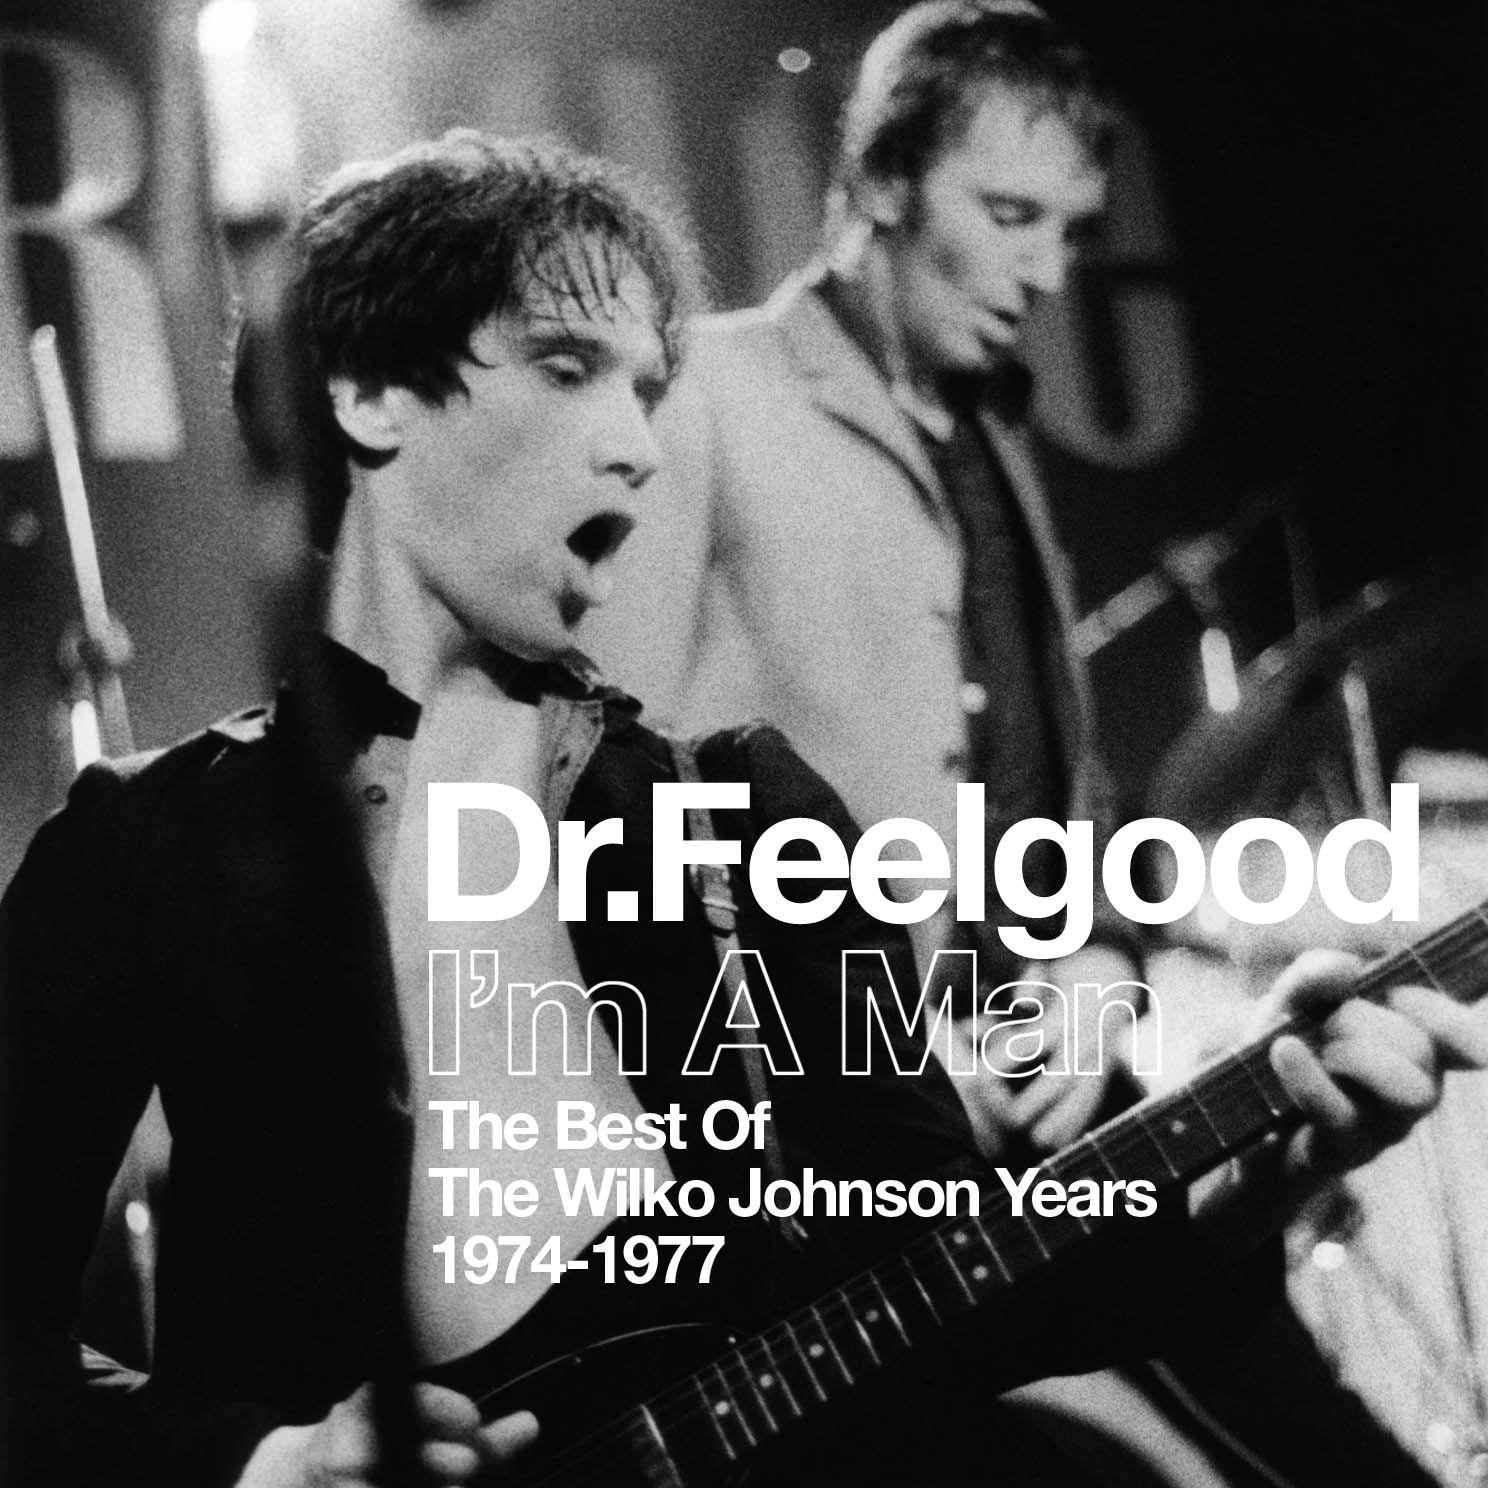 DR. FEELGOOD / ドクター・フィールグッド / アイム・ア・マン(ザ・ベスト・オブ・ウィルコ・ジョンソン・イヤーズ 1974-1977)